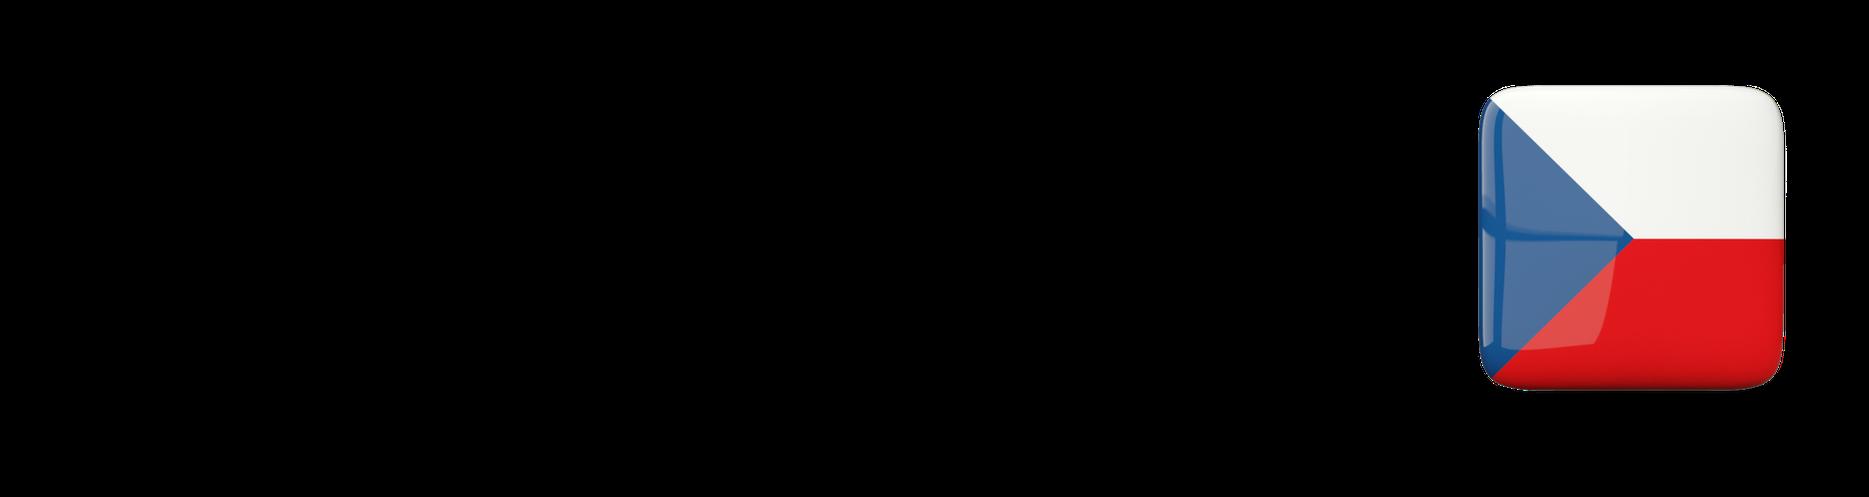 %22Realms%22 Typeface Czech Republic 2.png